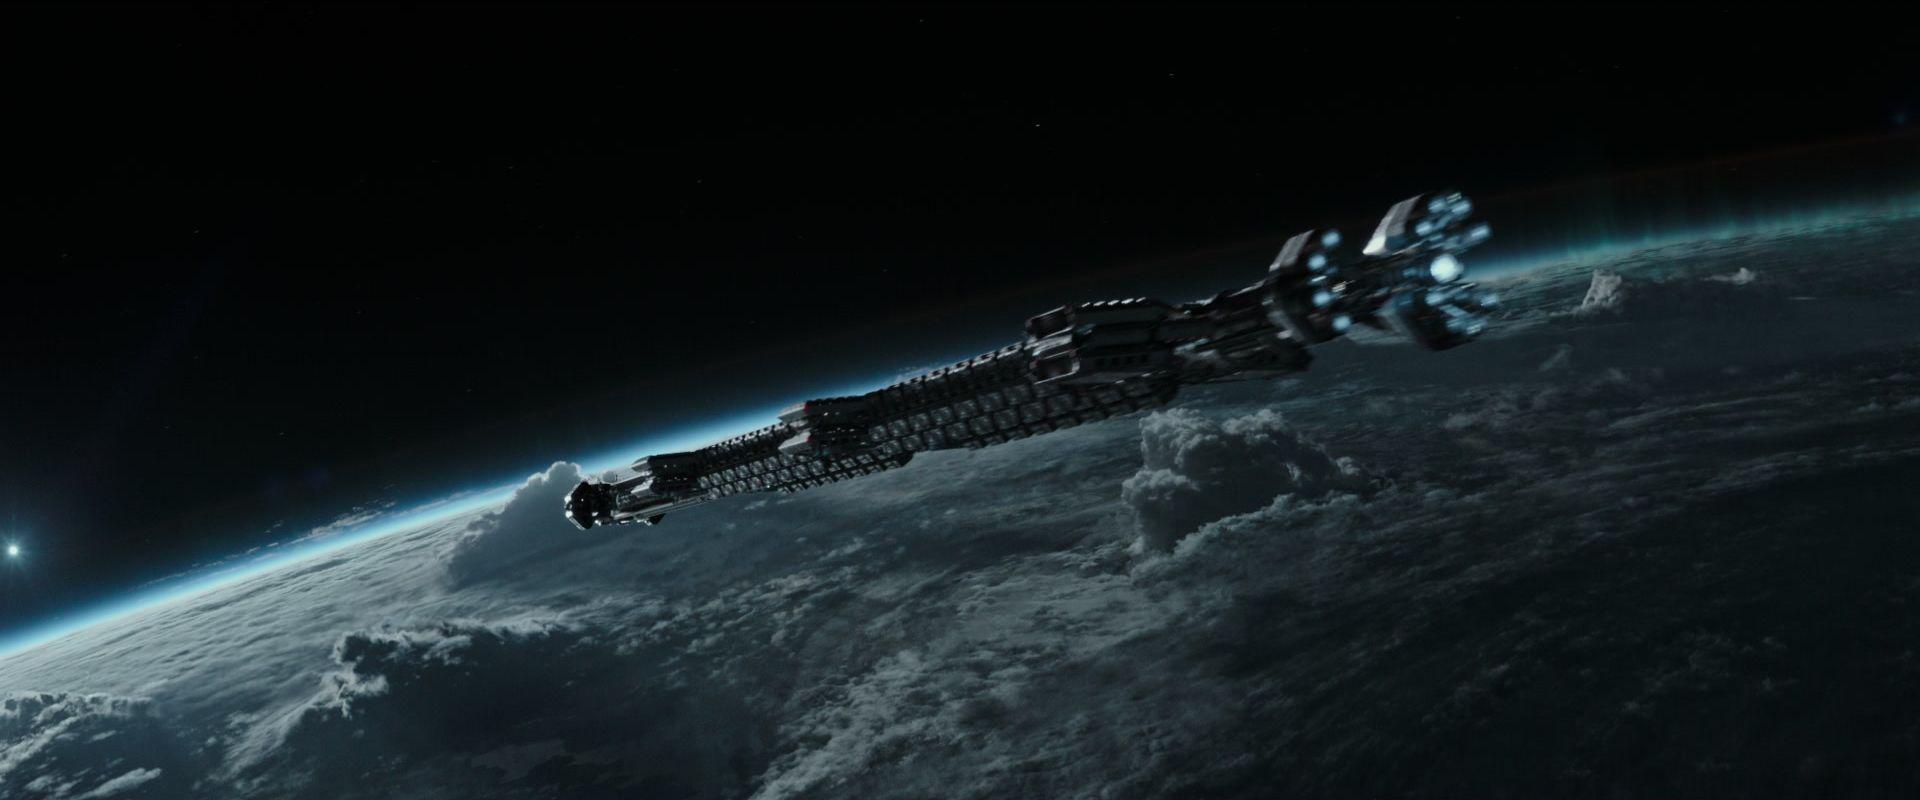 alien covenant teaser trailer breakdown avpgalaxy